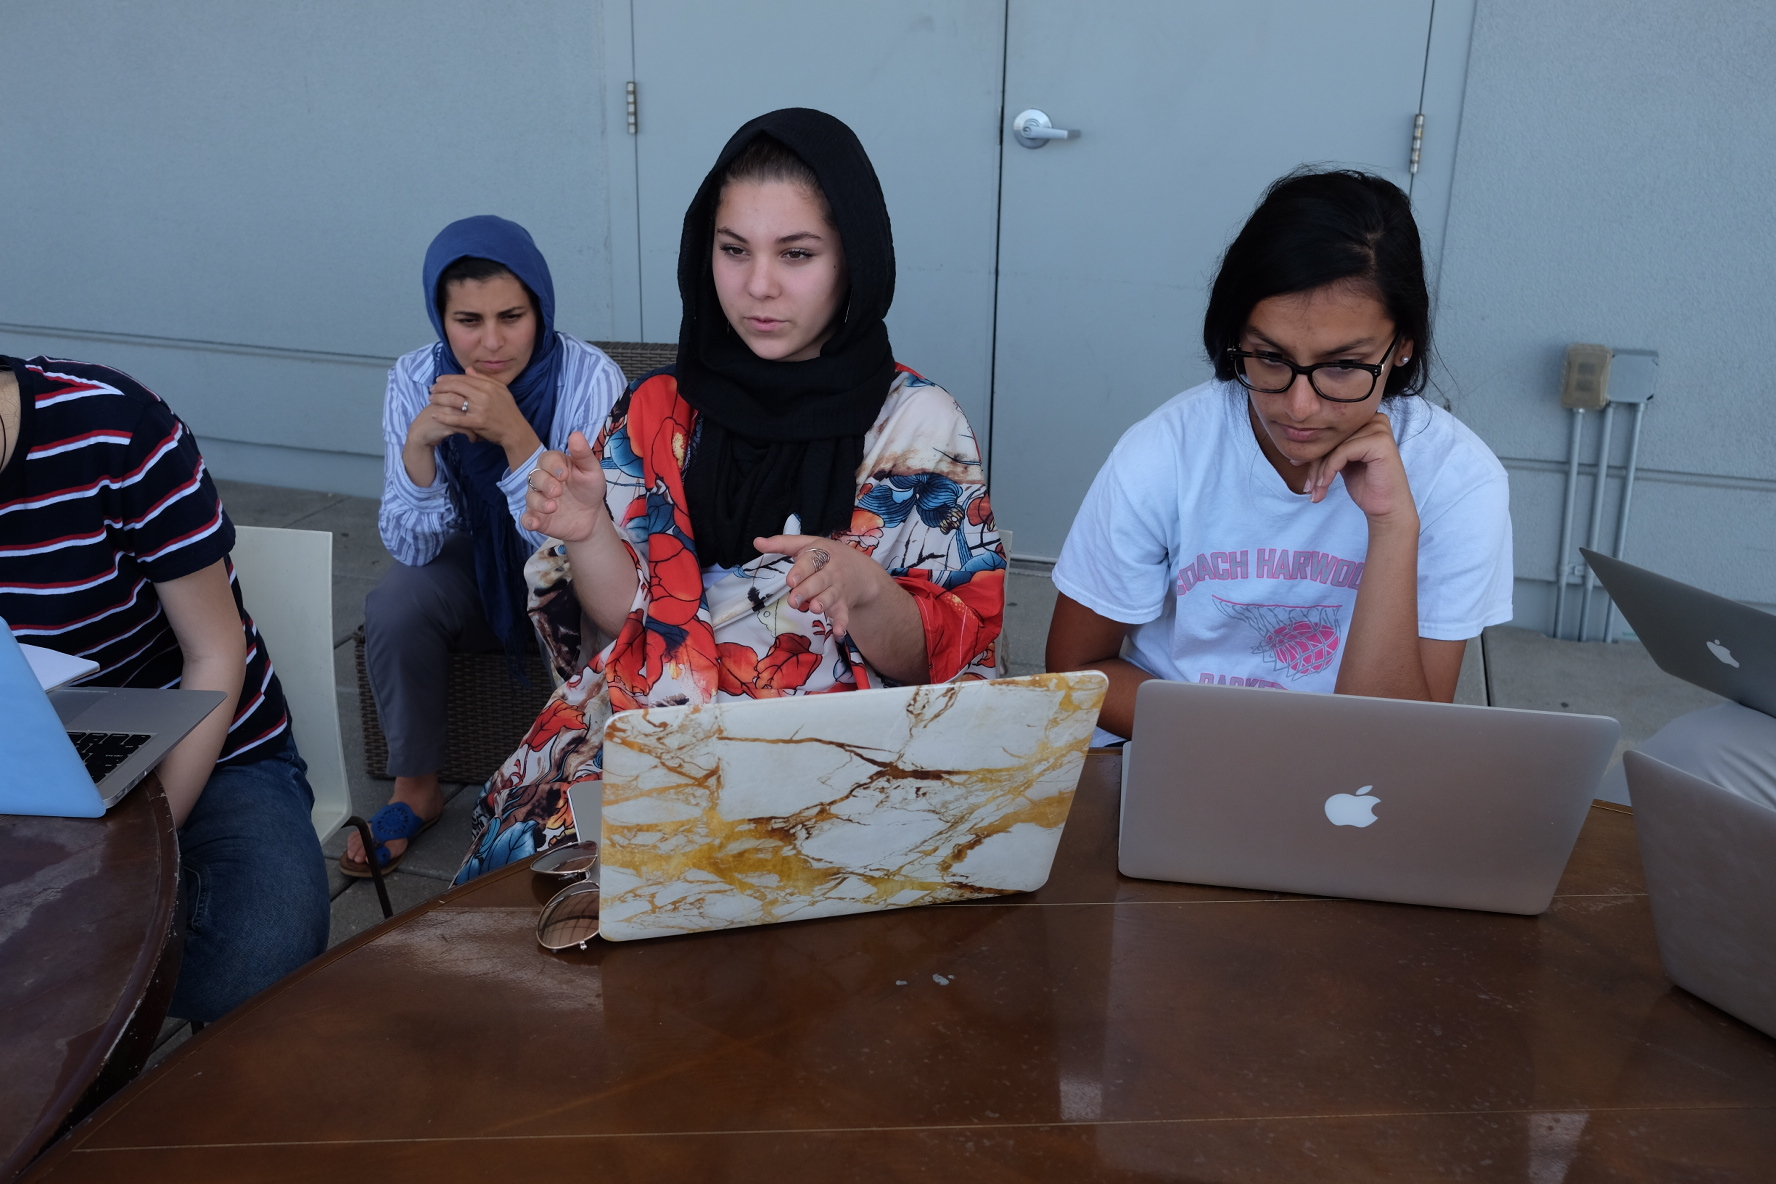 Noor+in+Workshop.jpeg